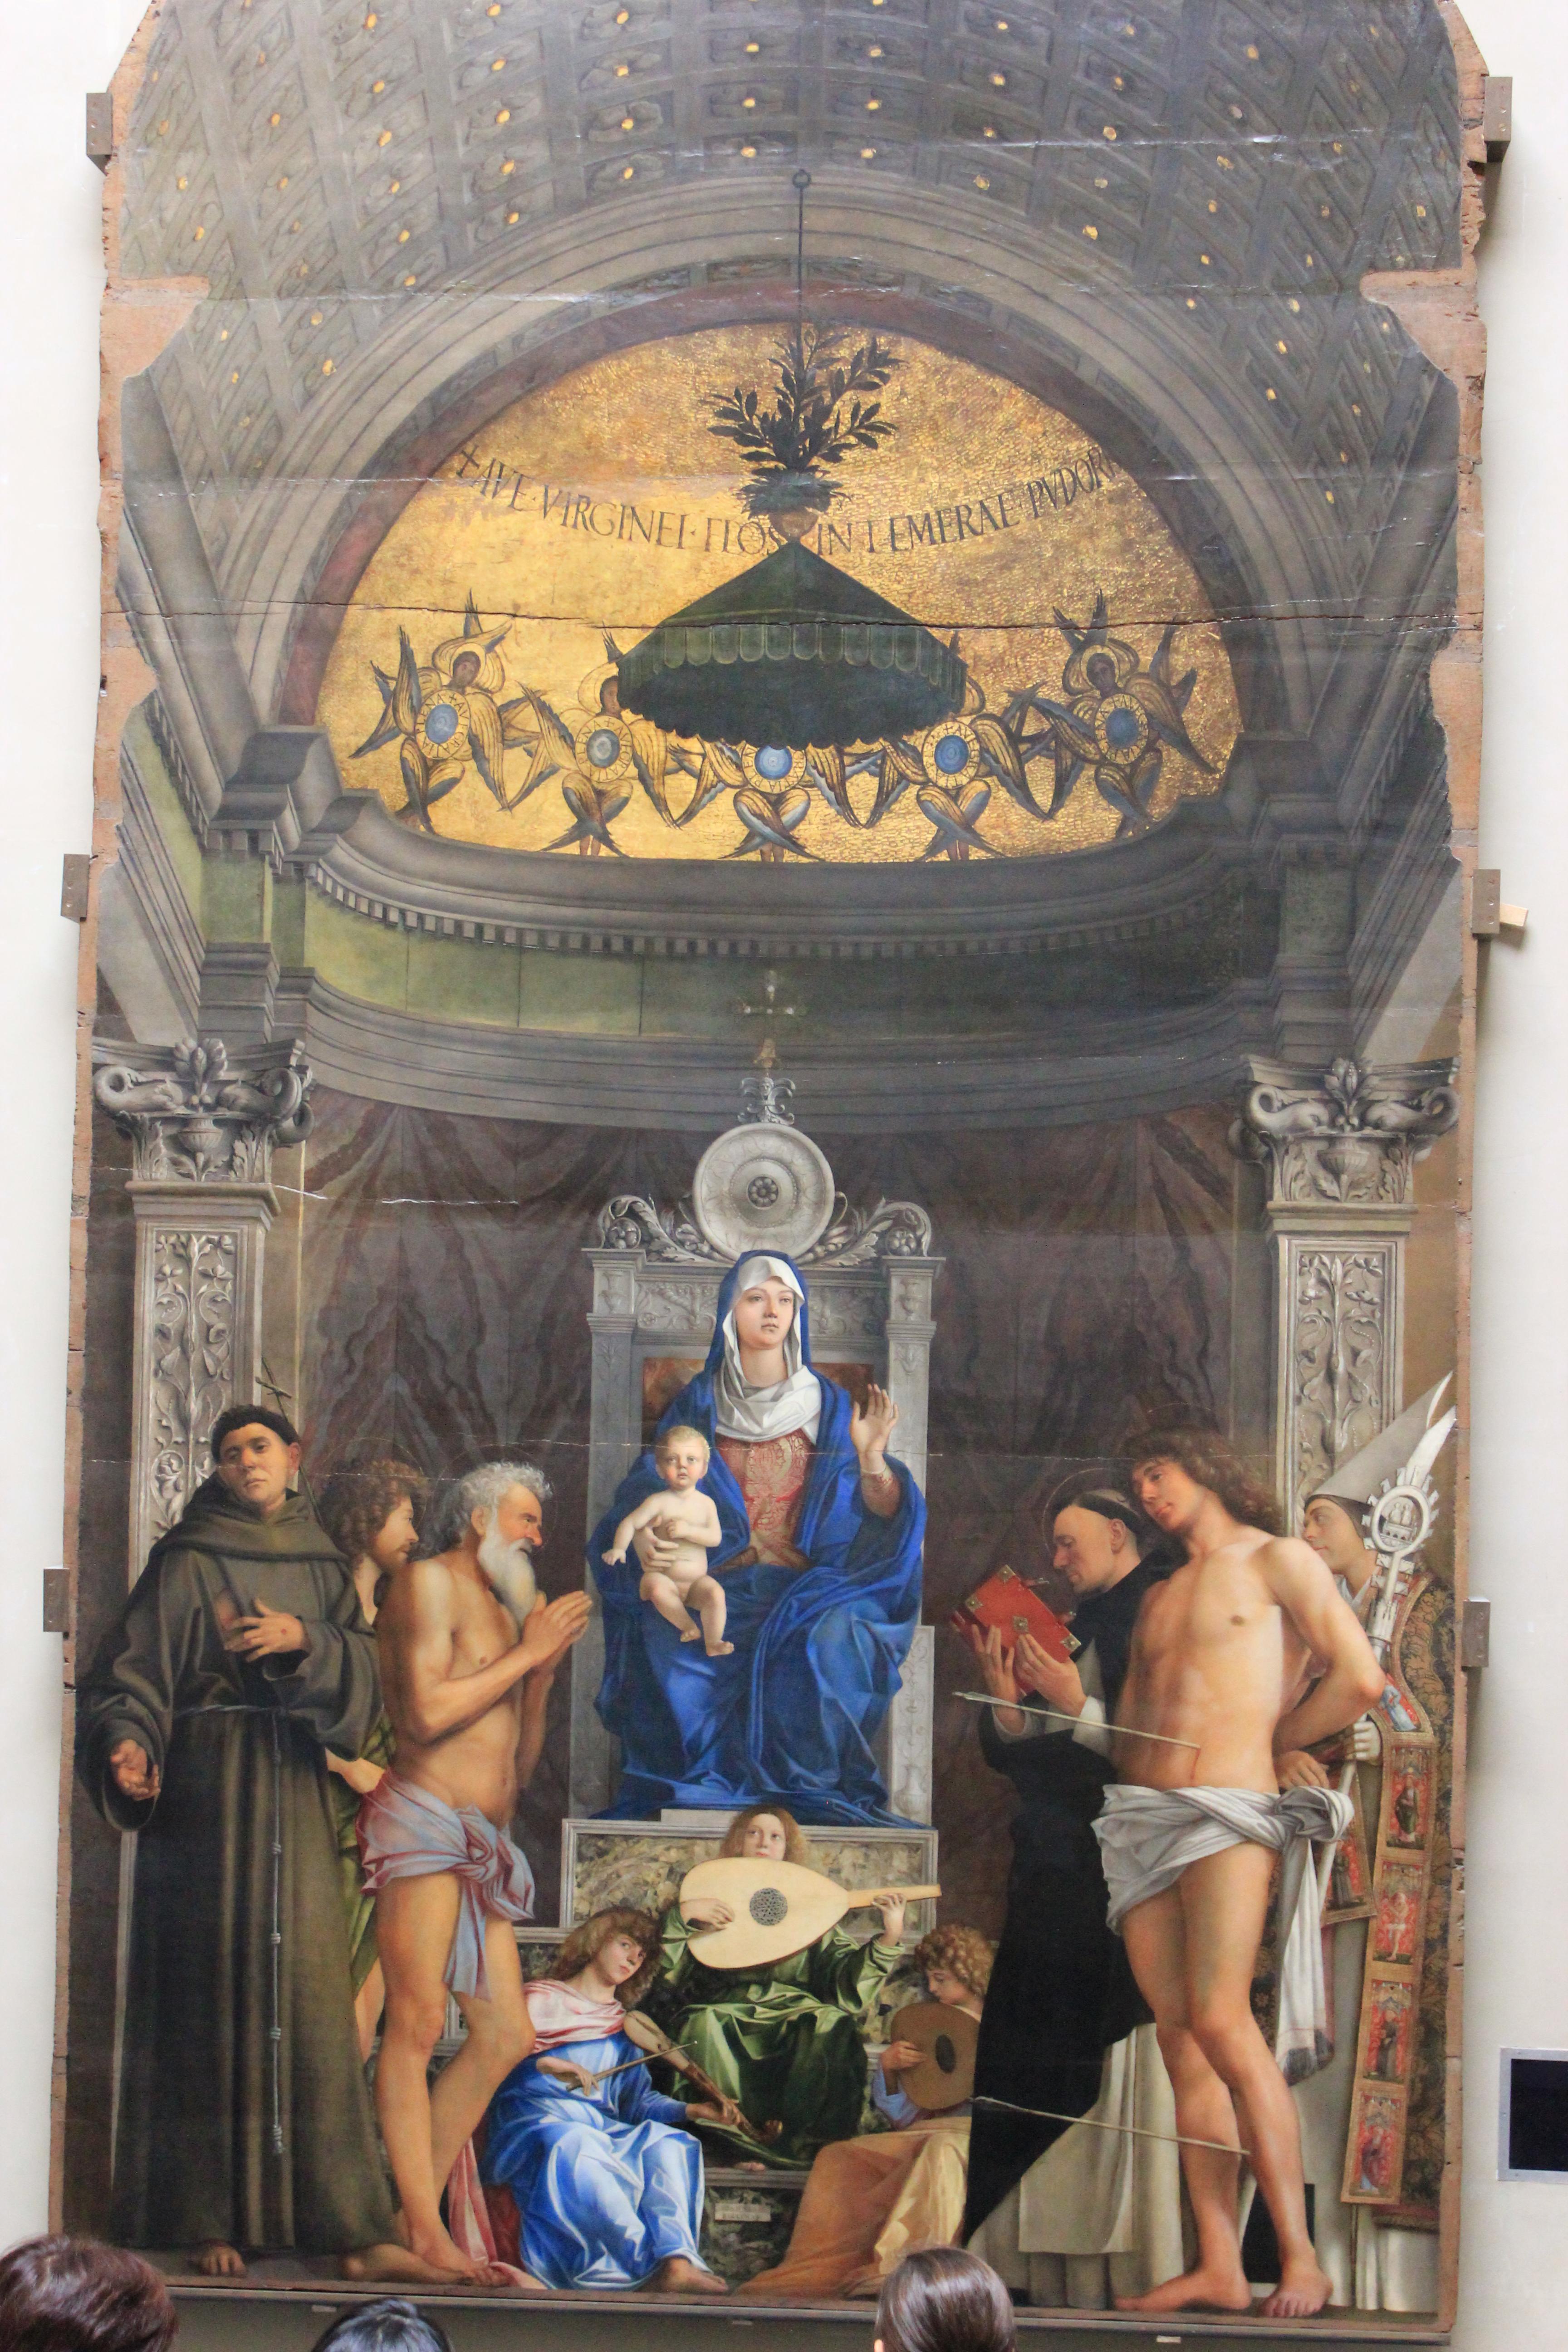 Giovanni Bellini (ca 1430-1516): Pala di San Giobbe («Altertavle for St Job) (ca 1487), som viser Madonna med barnet, spillende engler og de hellige Frans, Johannes døperen, Job, Dominikus, Sebastian og Ludvig av Toulouse